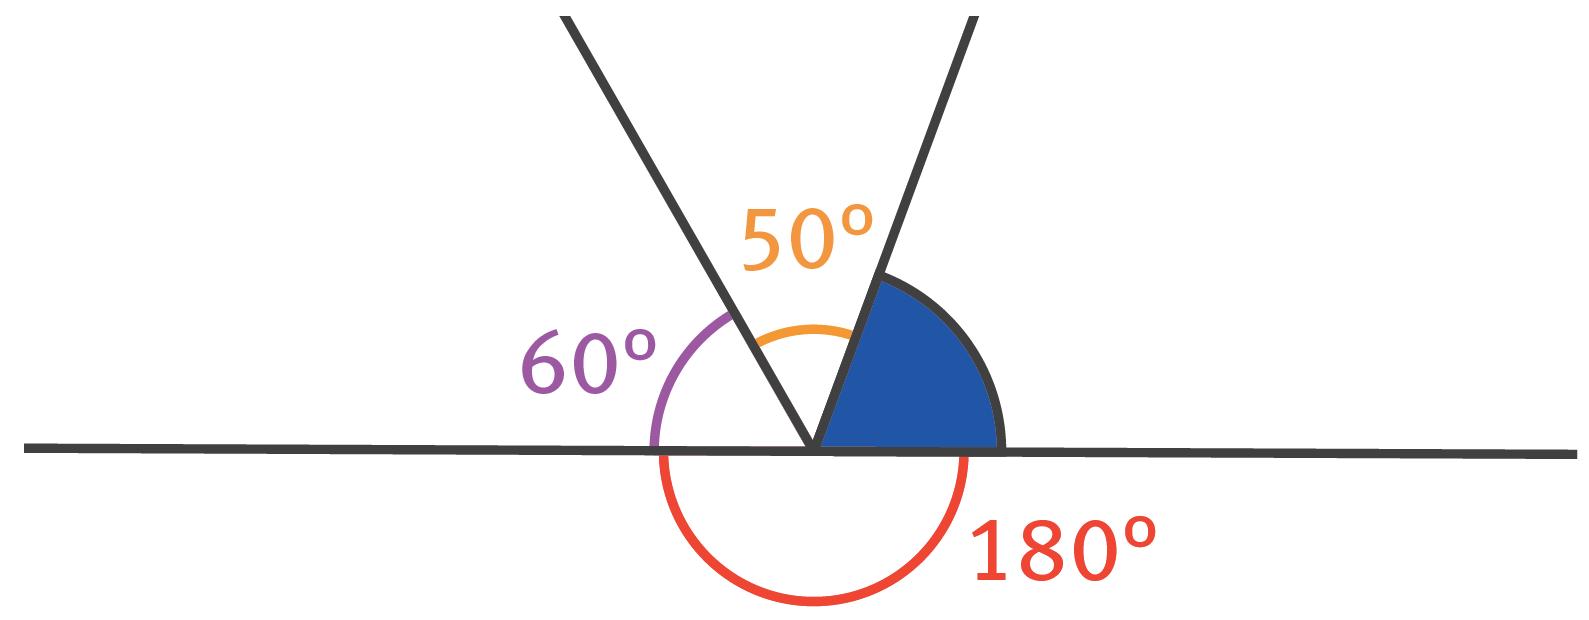 Graphique lié à l'exercice 19